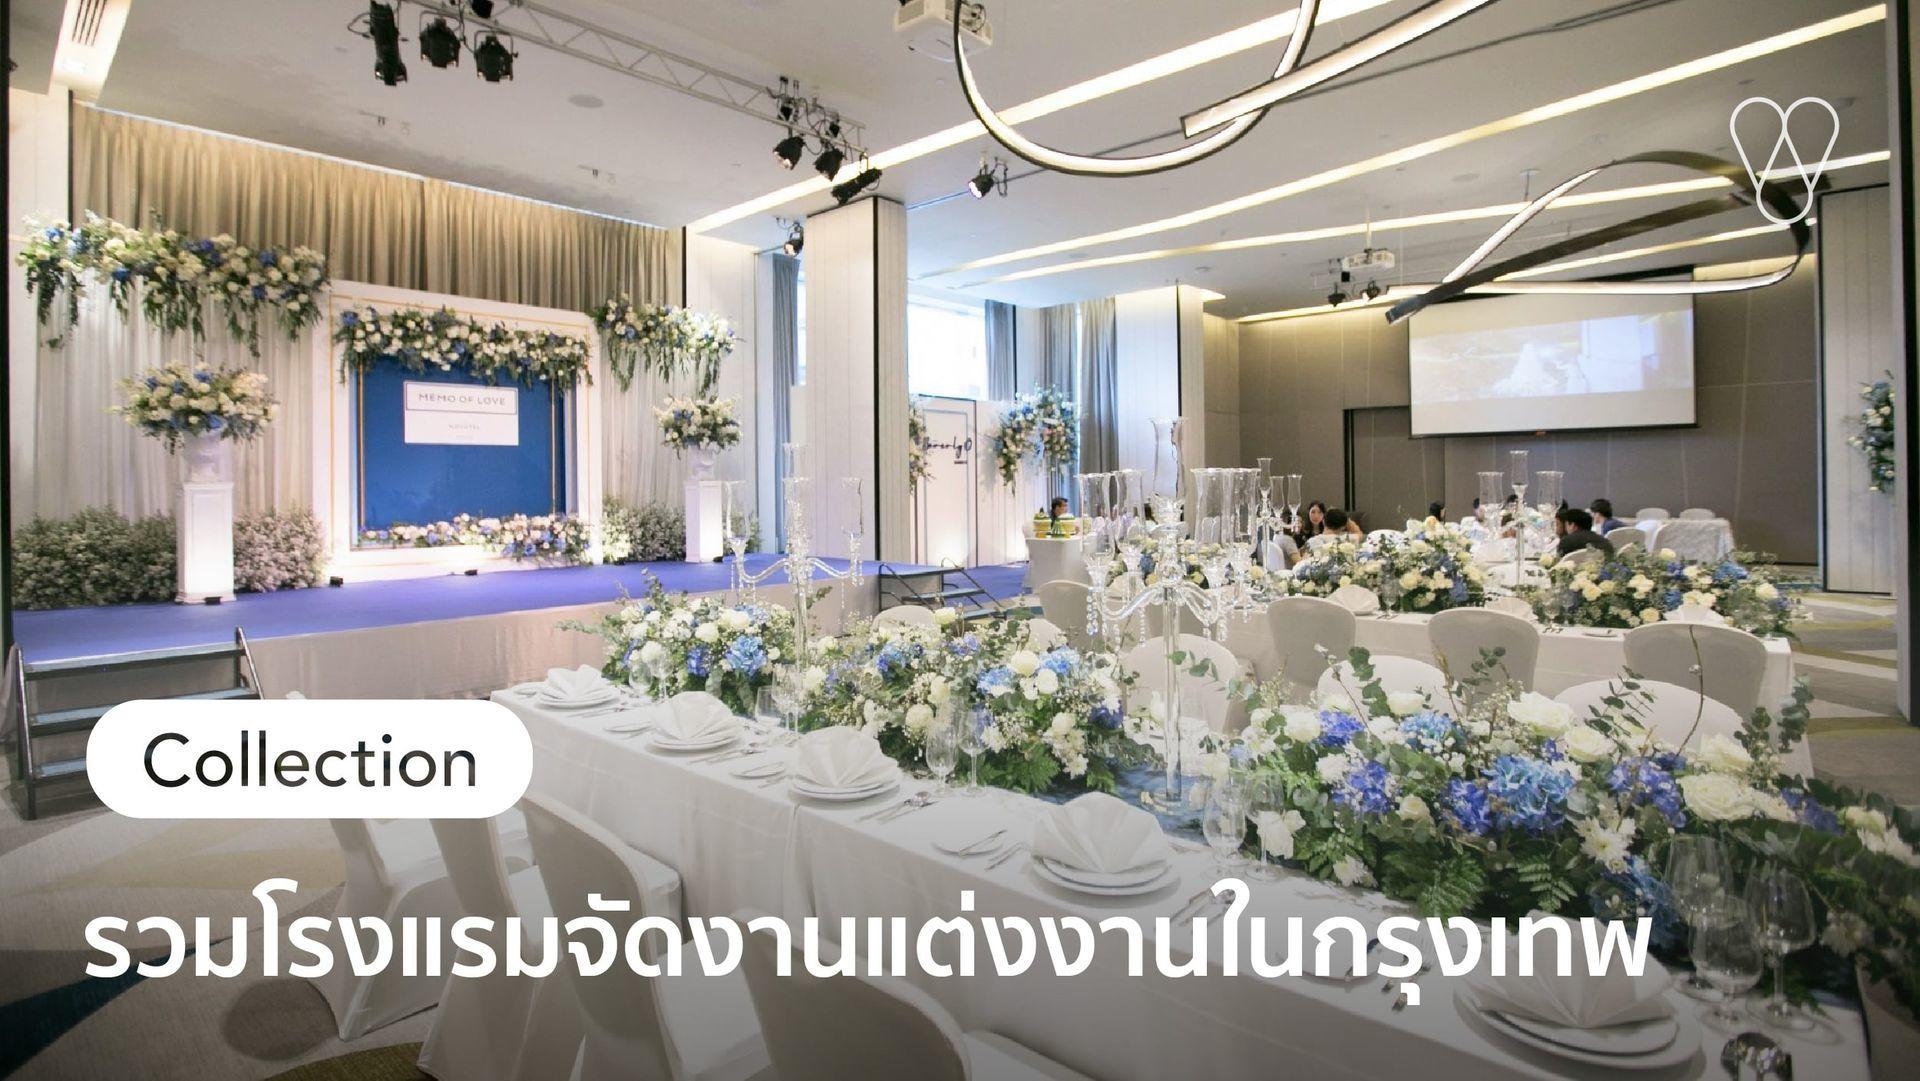 รวม 20 โรงแรมจัดงานแต่งงานในกรุงเทพ